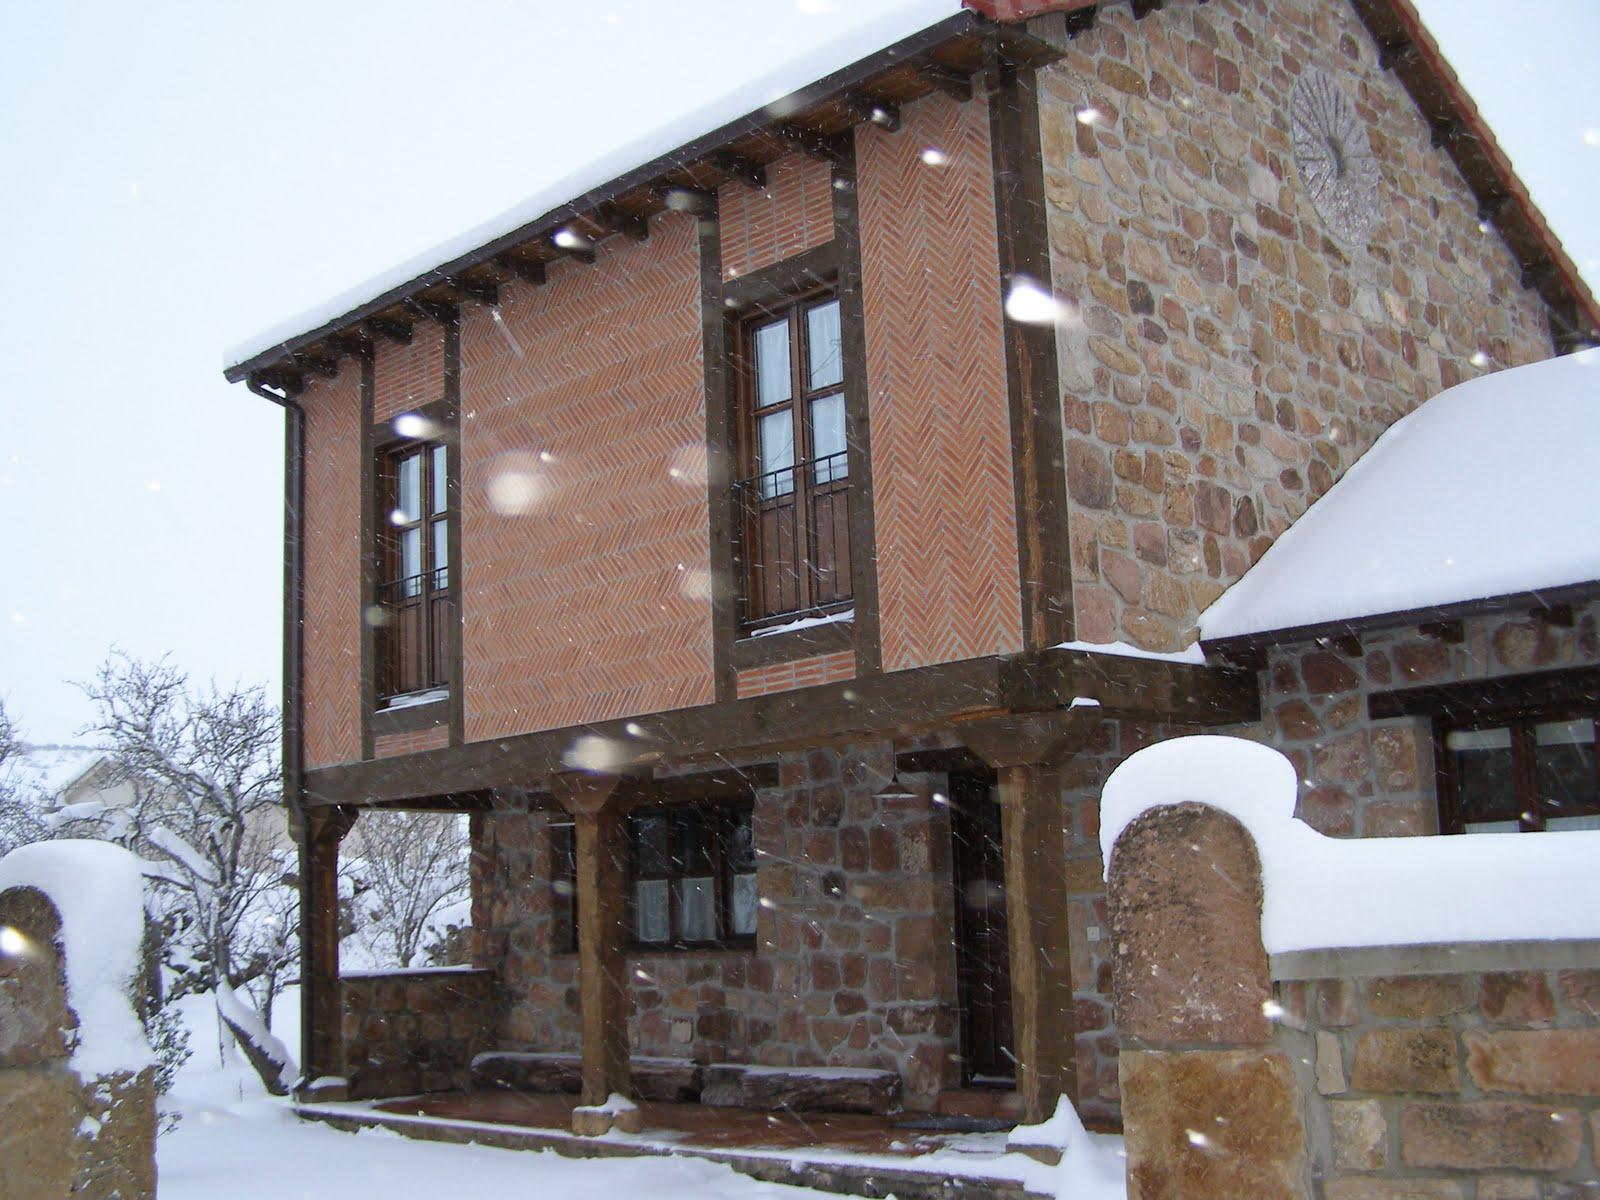 Construcciones jaime una fachada tradicional for Fachada tradicional